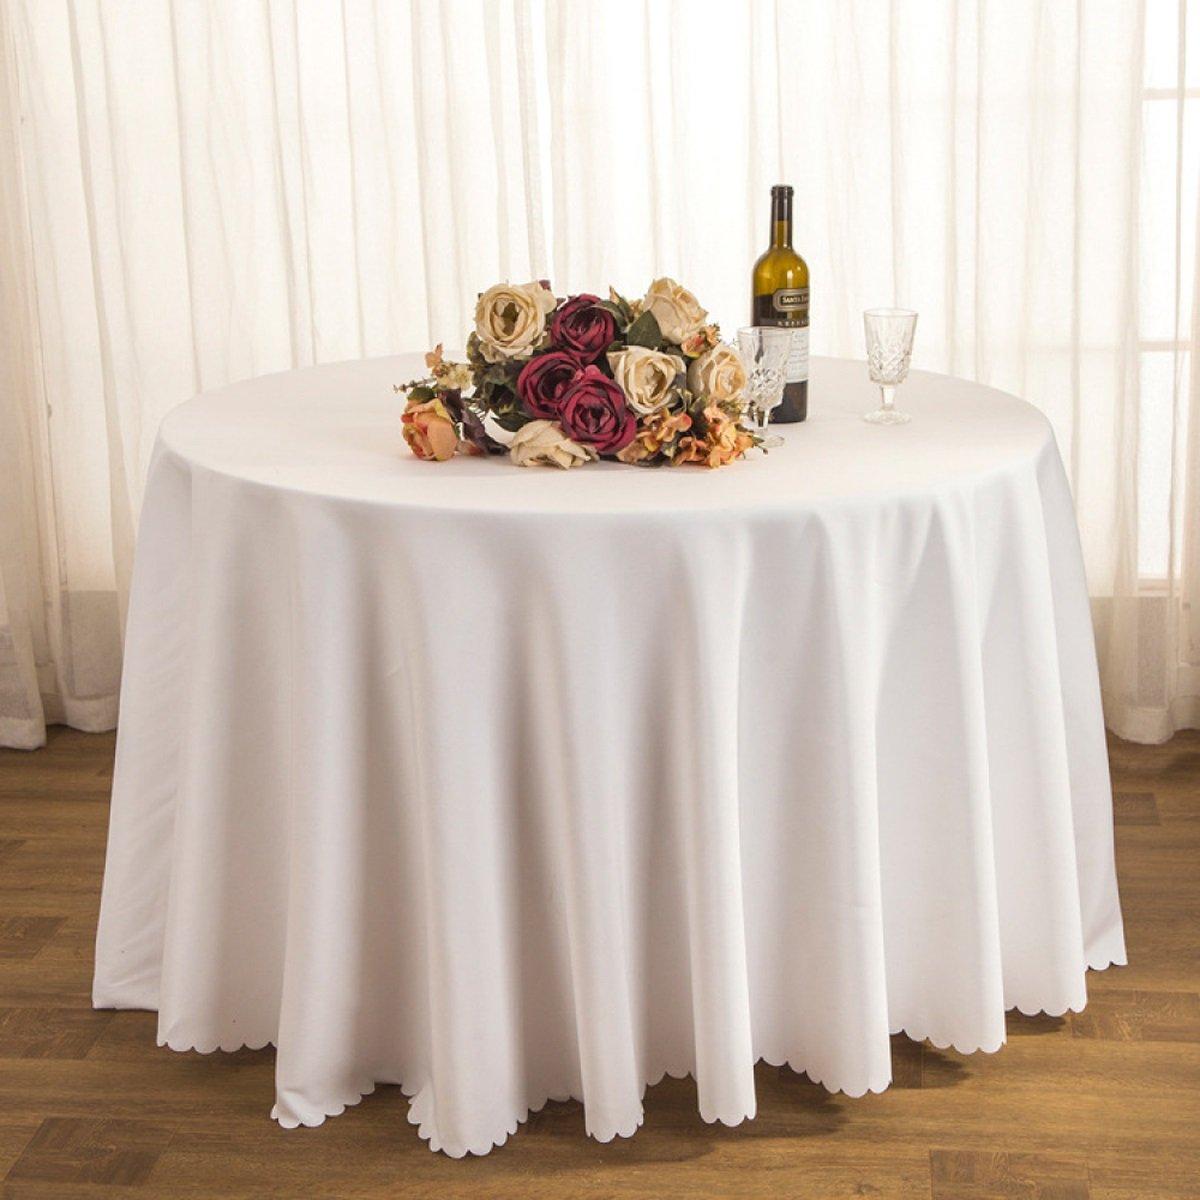 Tao Tischtuch Tischdecke Stoff Tee Tischdecke Hotel Restaurant Polyester Tischdecke Konferenztisch Rock Hochzeit Jacquard Runde Tischdecke Öl-Besteändig Leicht zu reinigen (Farbe   C, größe   160cm) B07CSQT275 Tischdecken Spielzeugwel